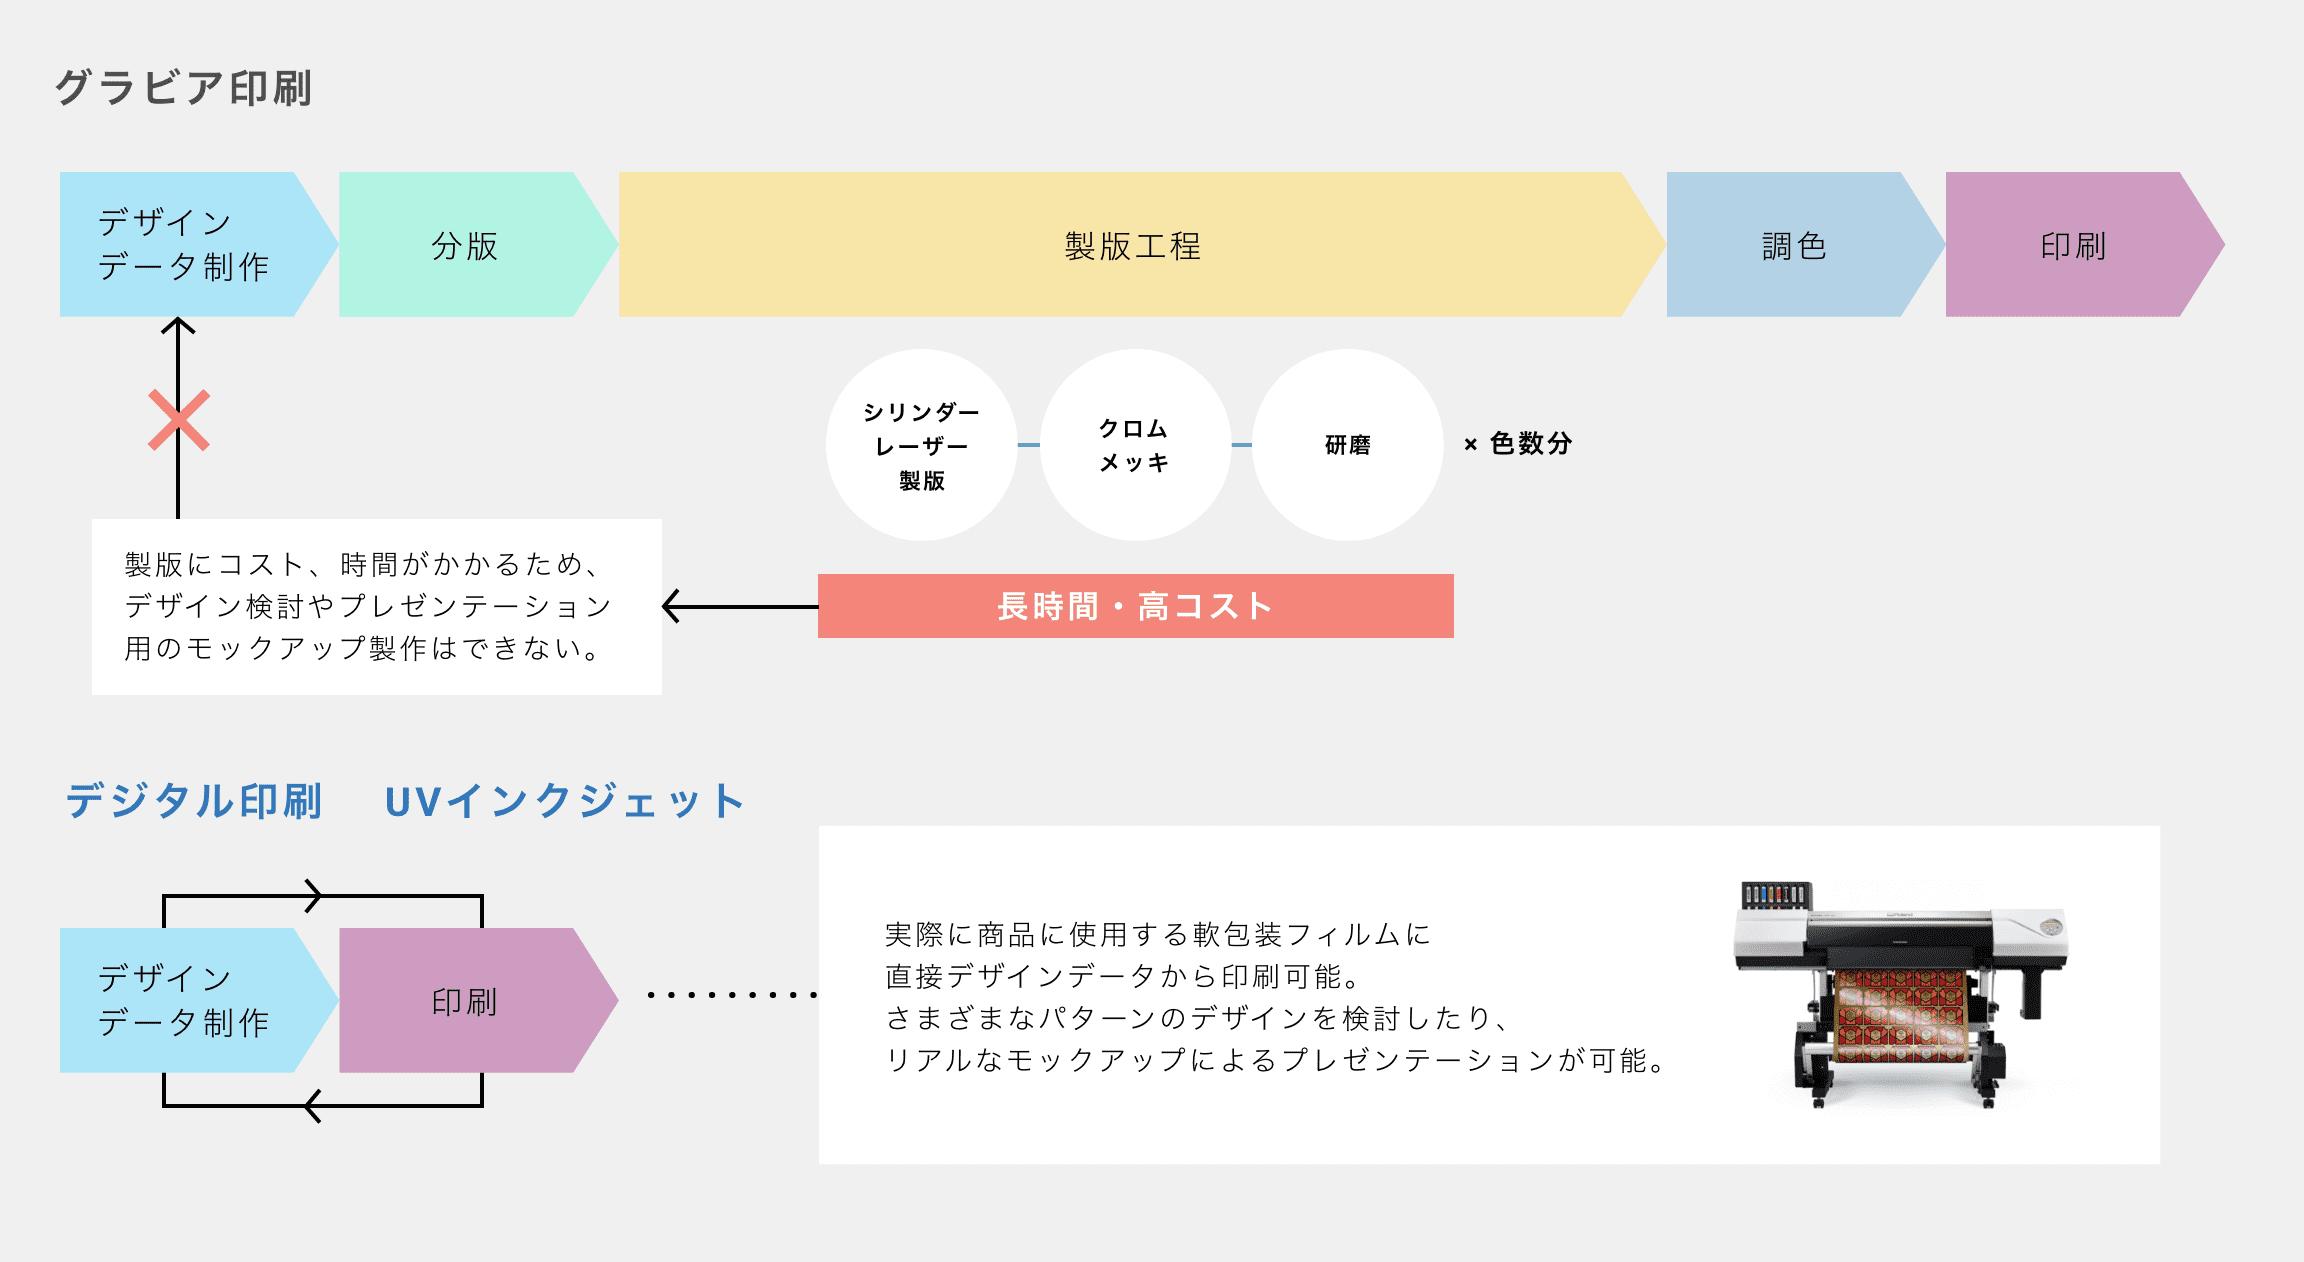 軟包装フィルムの印刷工程 インフォグラフィック